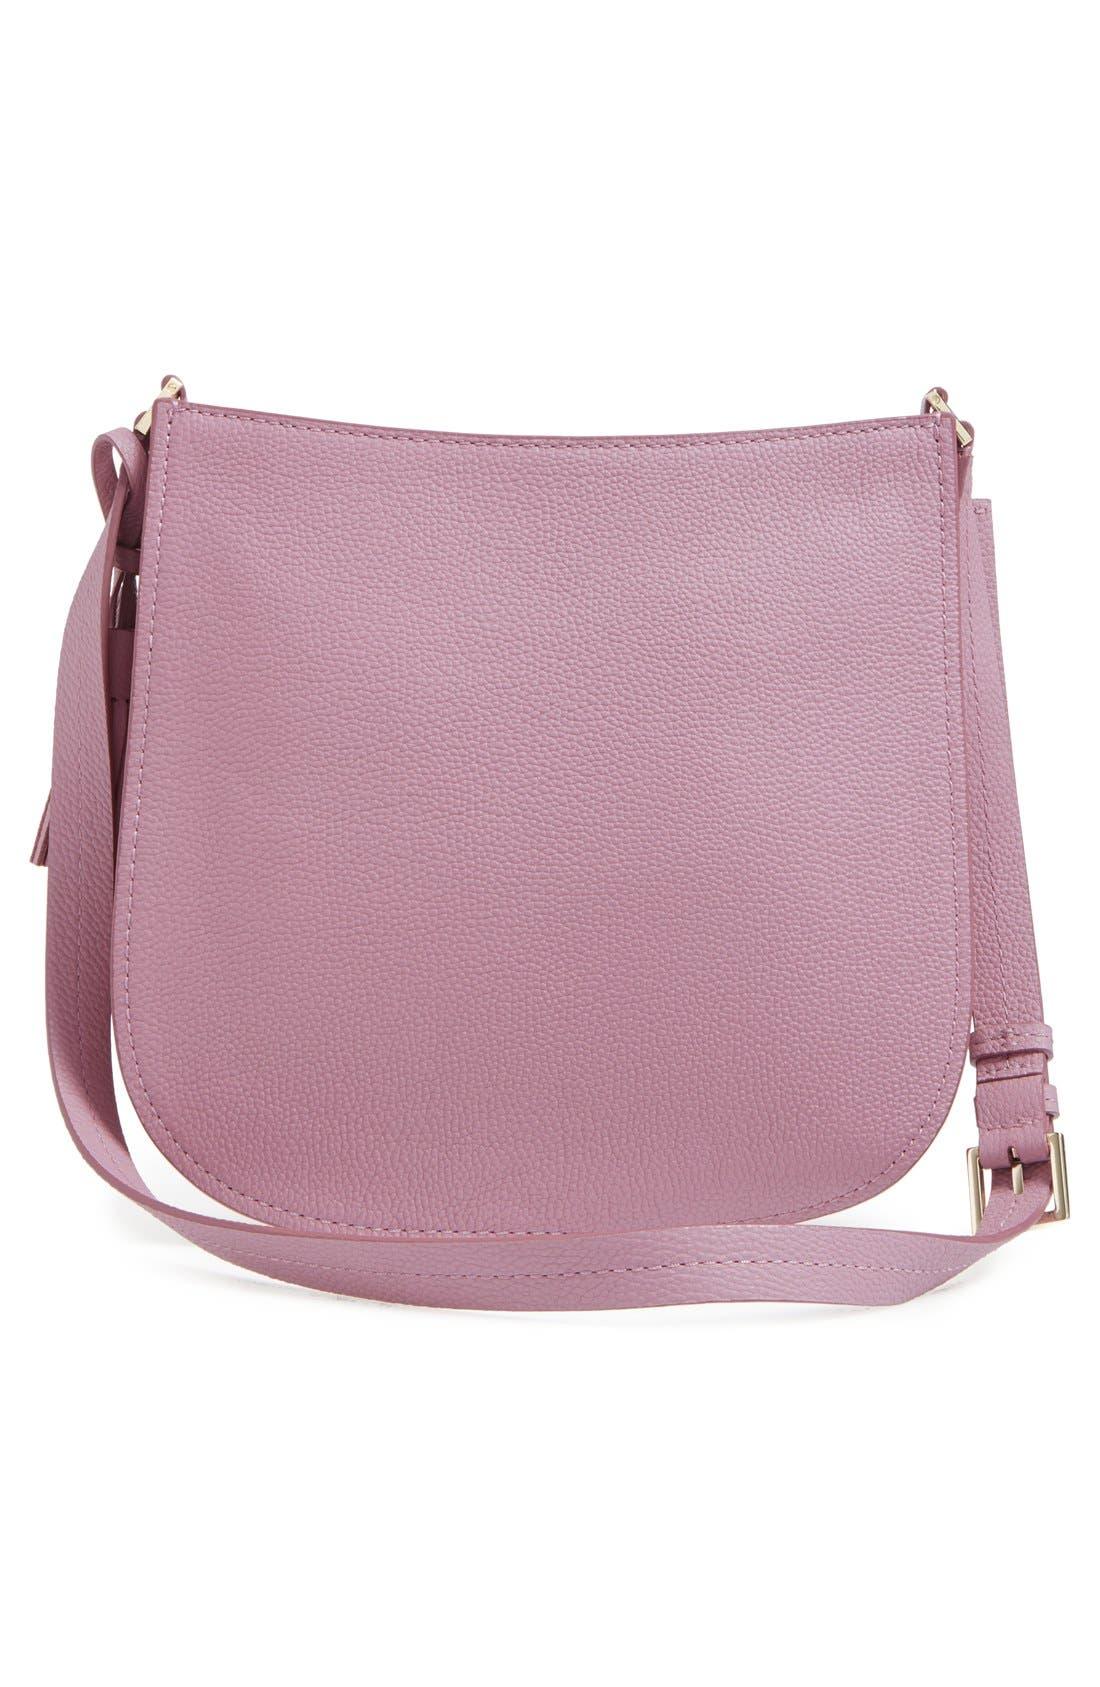 Alternate Image 2  - kate spade new york 'orchard street - hemsley' leather shoulder bag